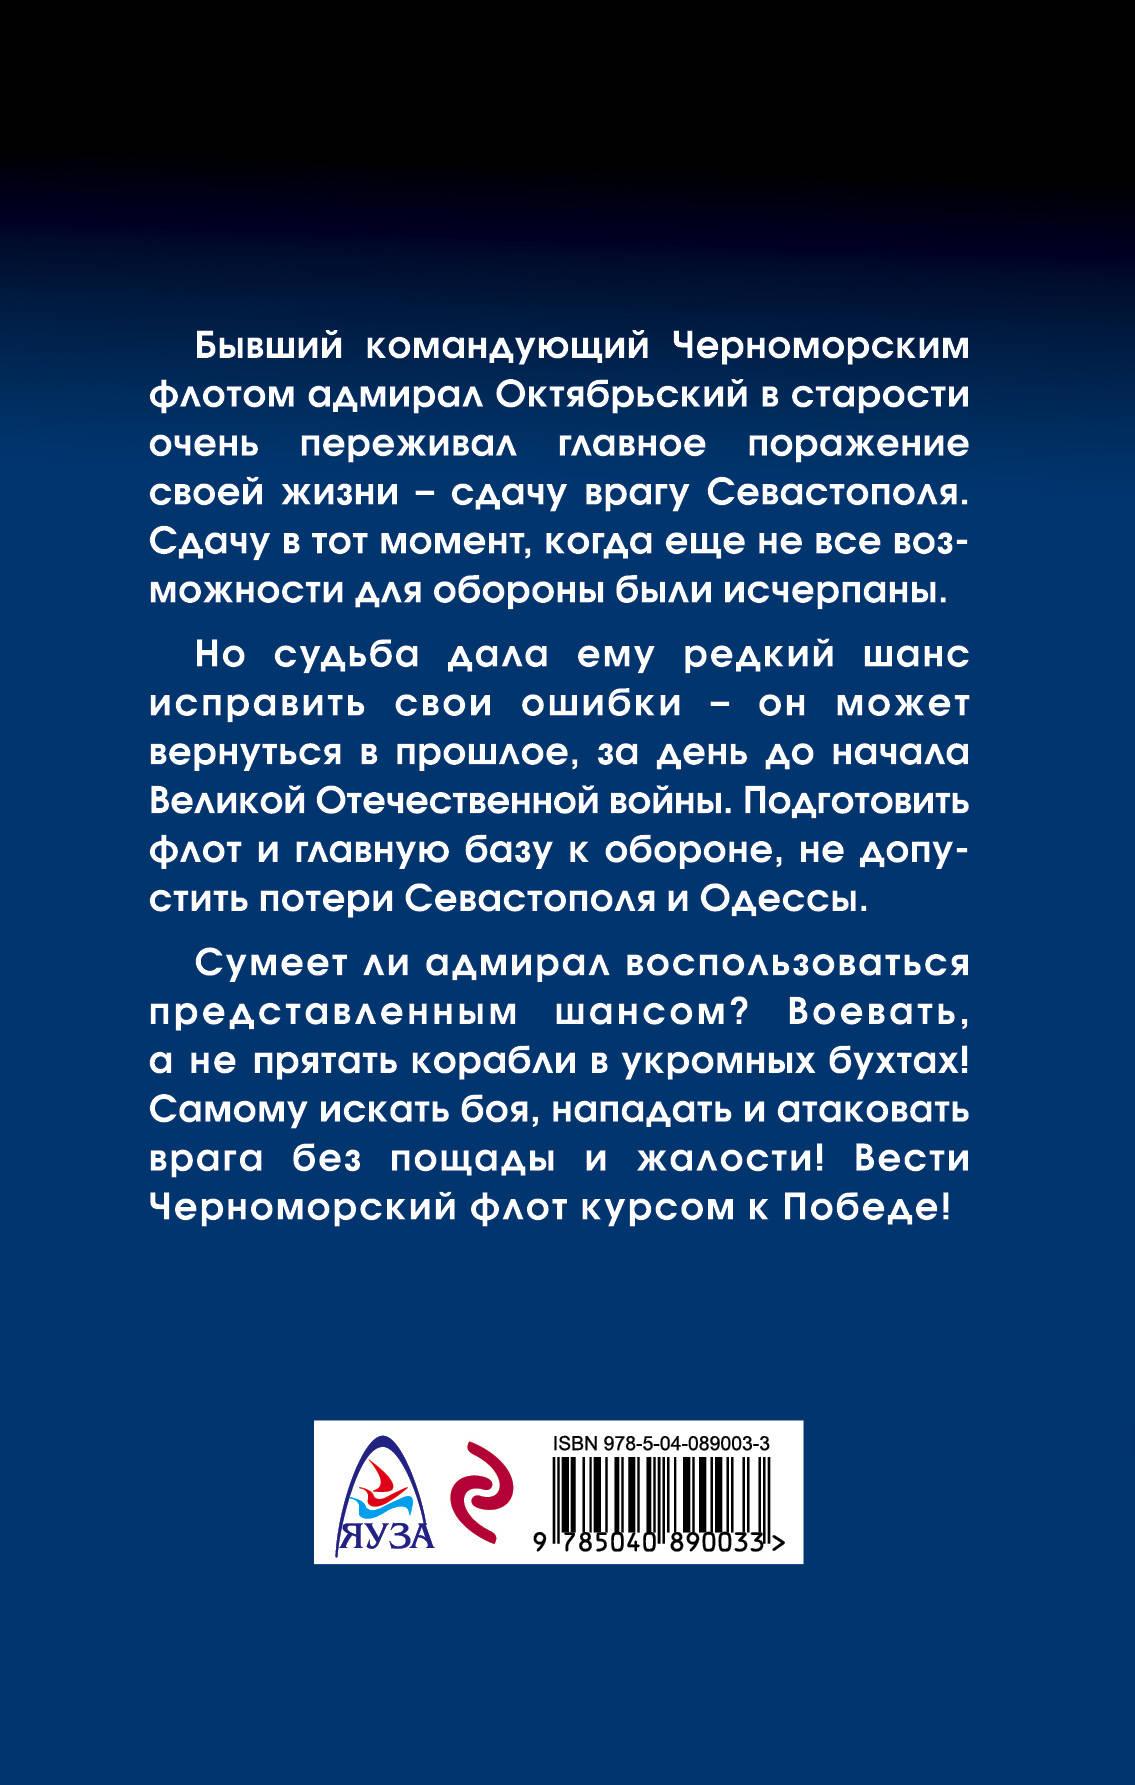 Второй шанс адмирала. Валерий Большаков